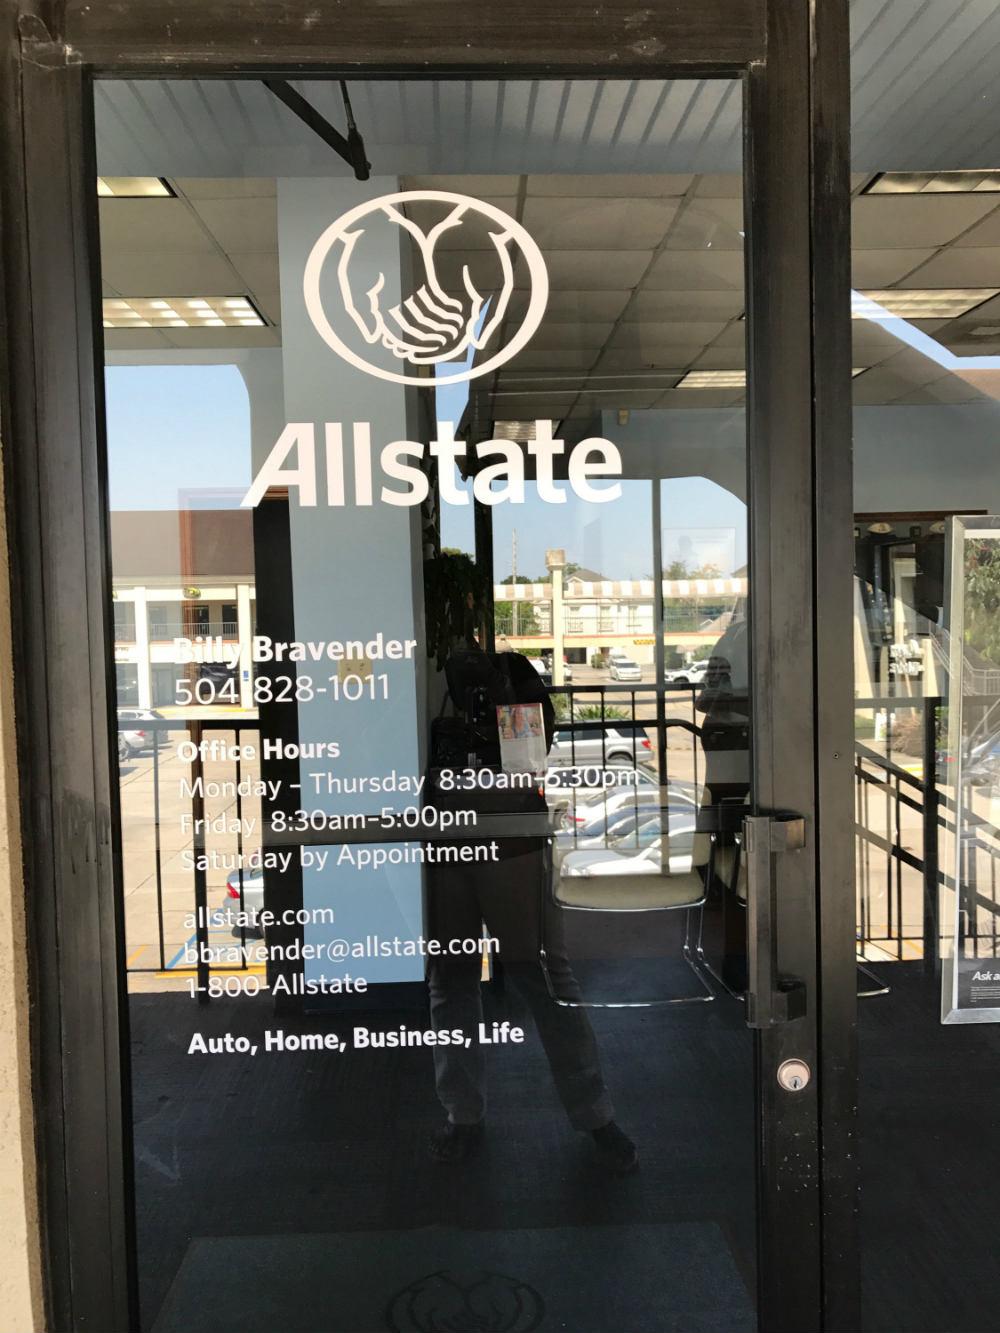 Allstate Insurance Agent: Billy Bravender image 1